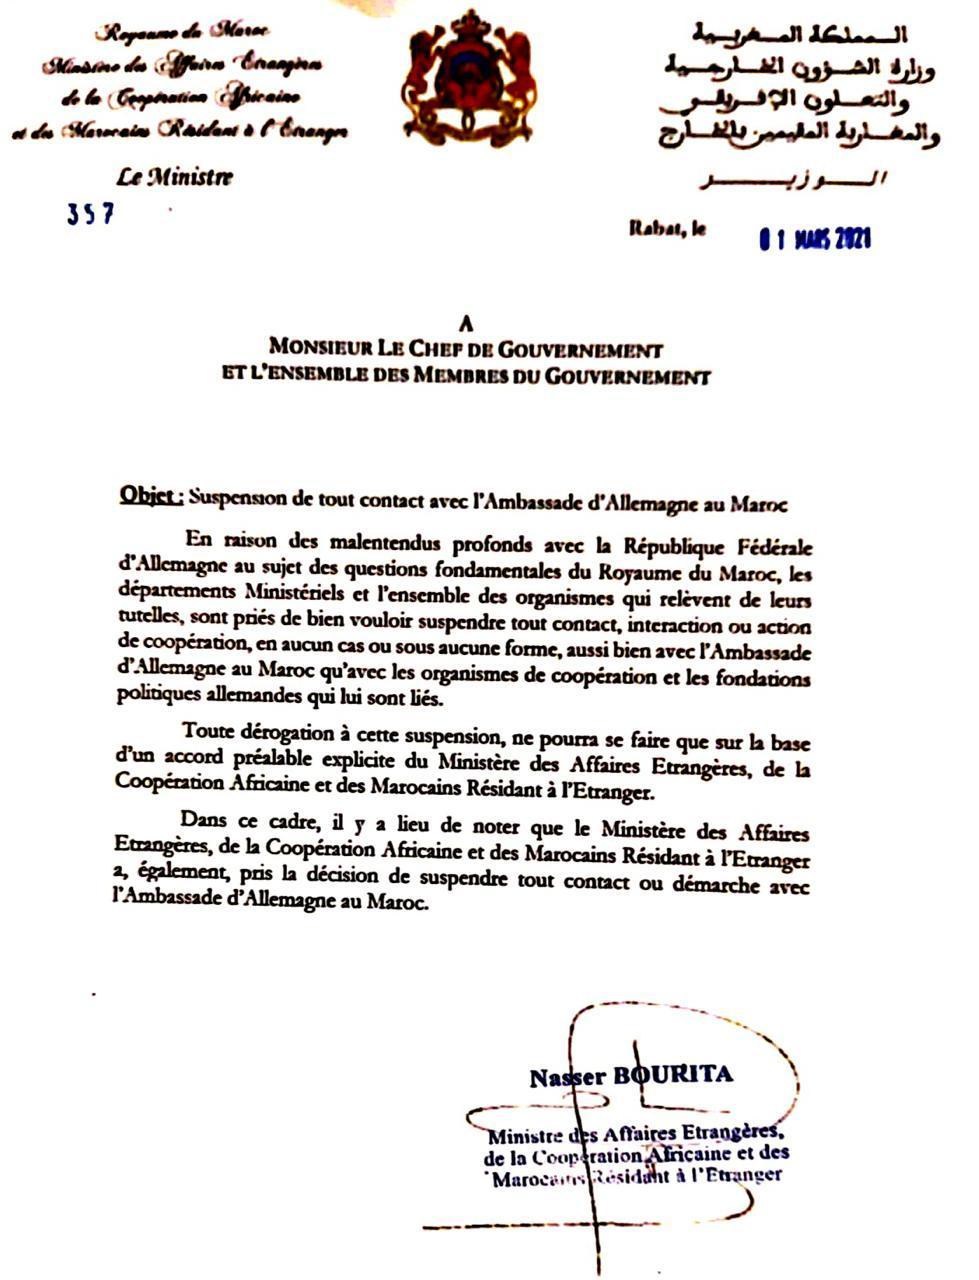 Le Maroc blackliste l'ambassade d'Allemagne à Rabat